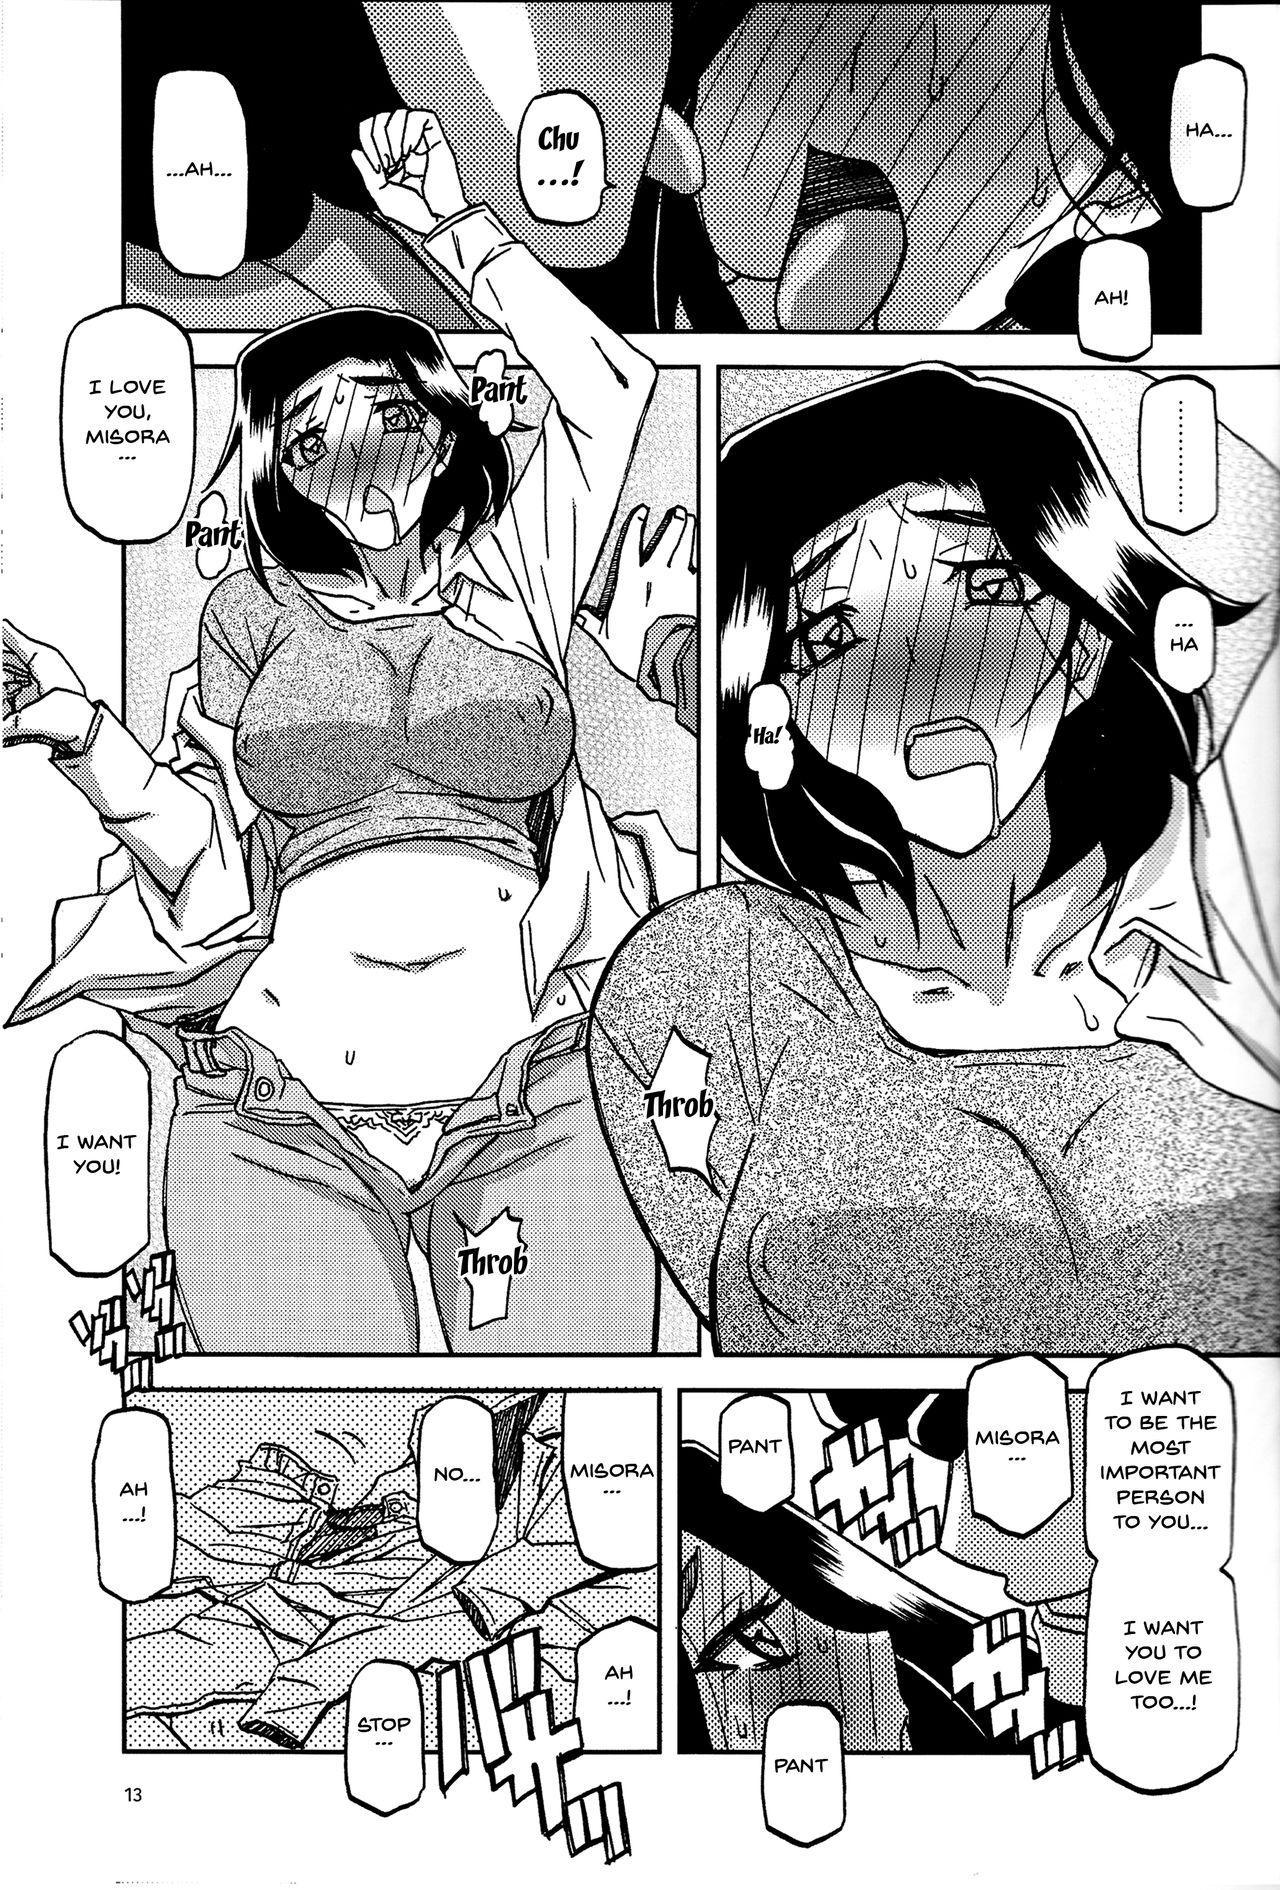 Akebi no Mi - Misora Katei 11